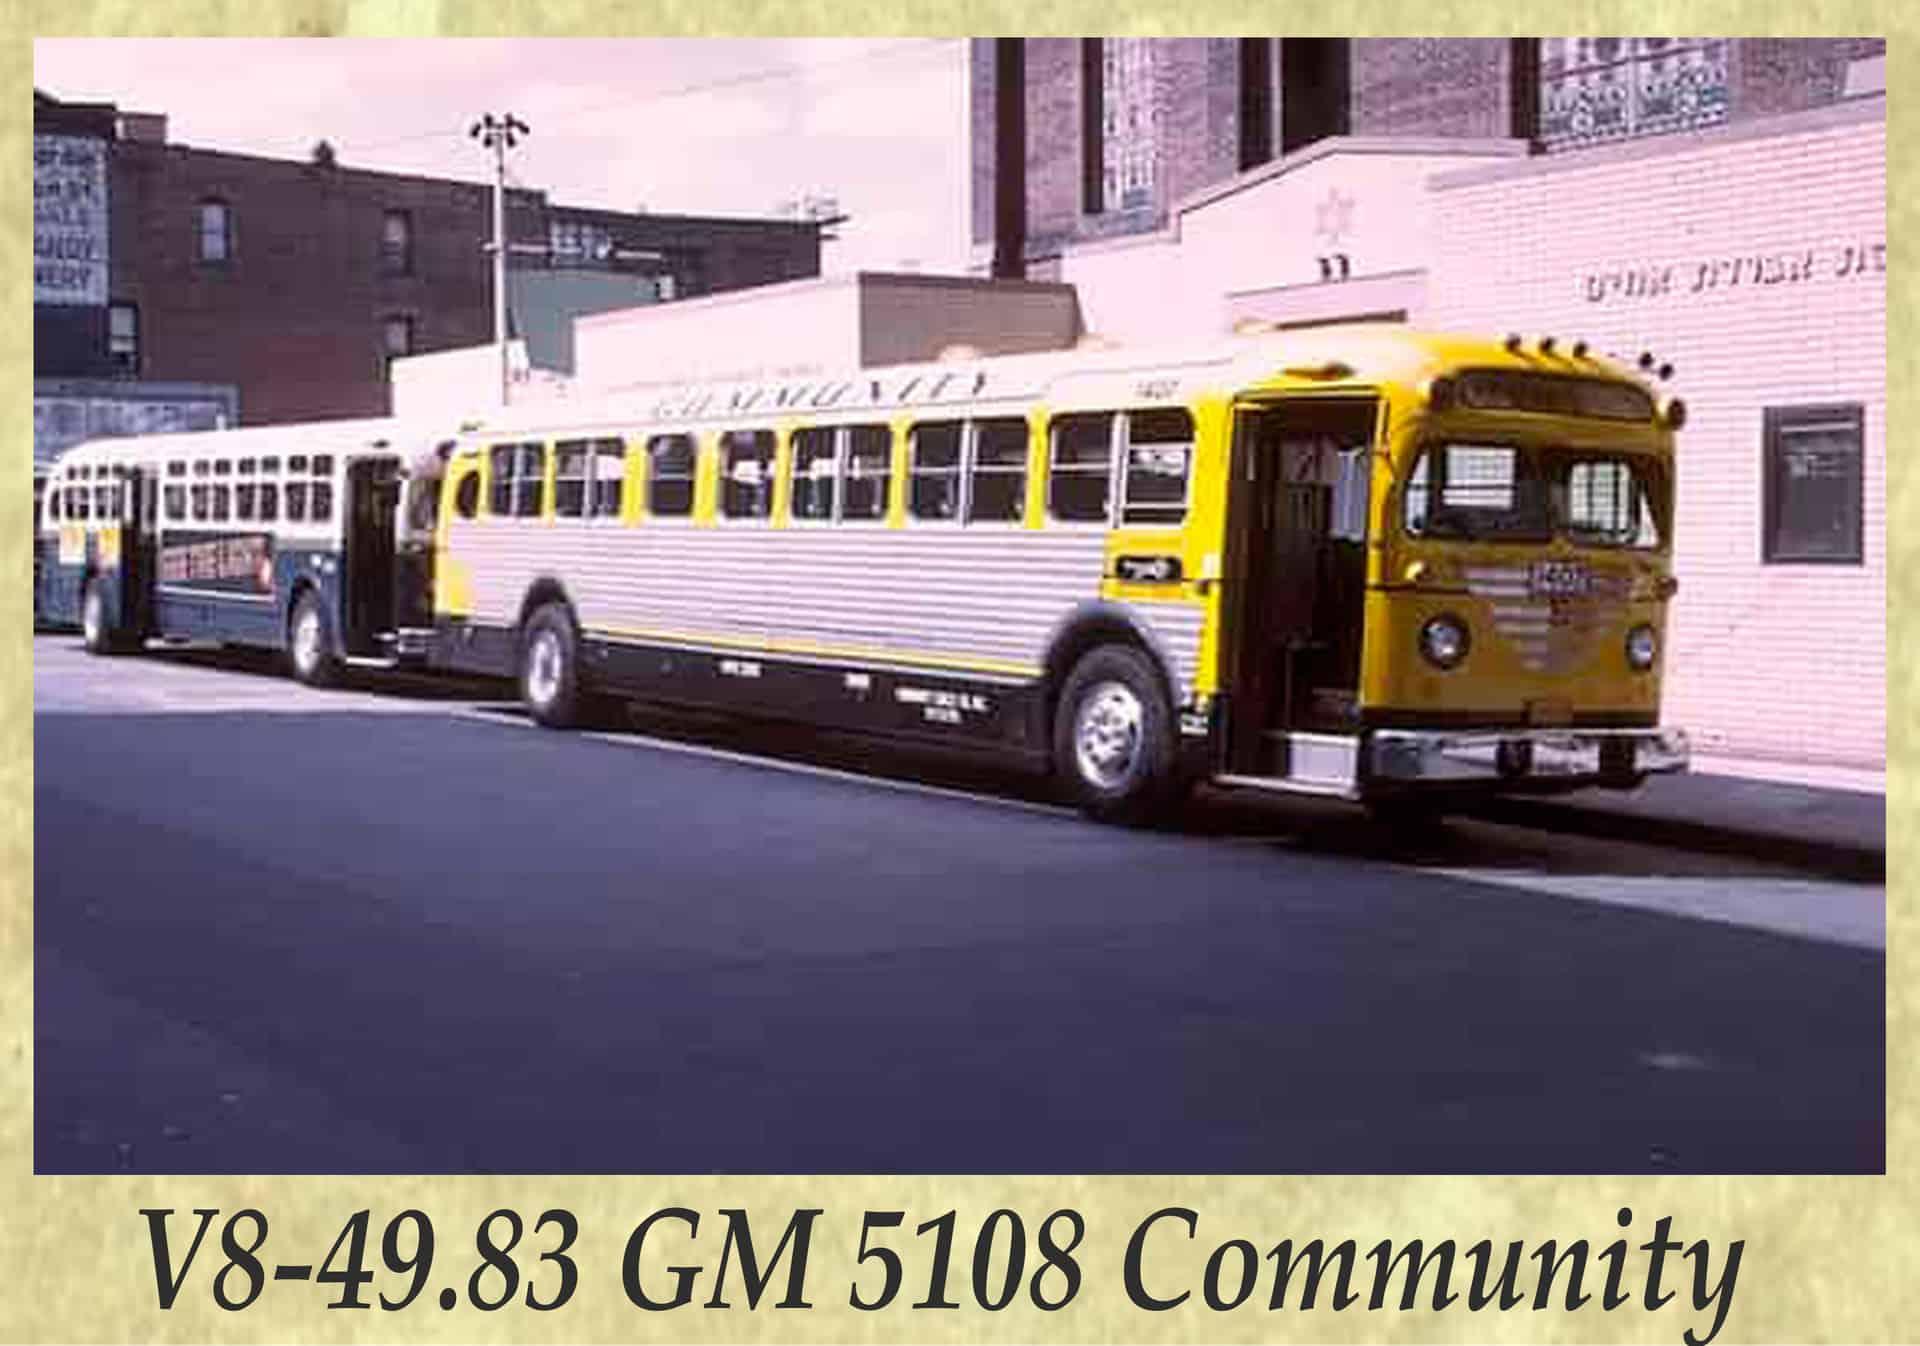 V8-49.83 GM 5108 Community